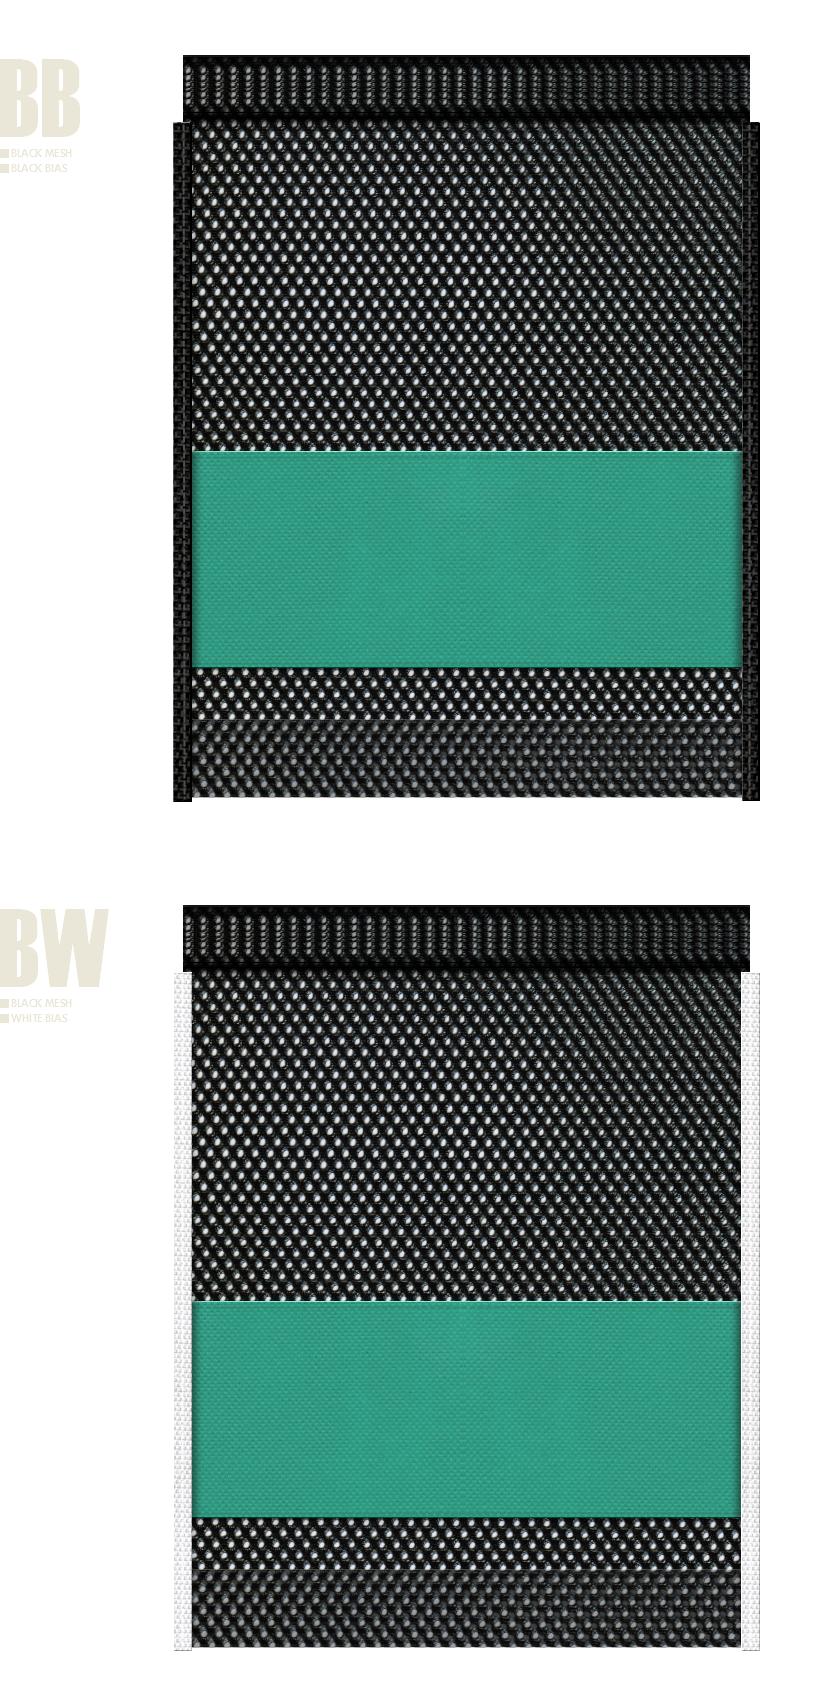 黒色メッシュと青緑色不織布のメッシュバッグカラーシミュレーション:キャンプ用品・アウトドア用品・スポーツ用品・シューズバッグにお奨め